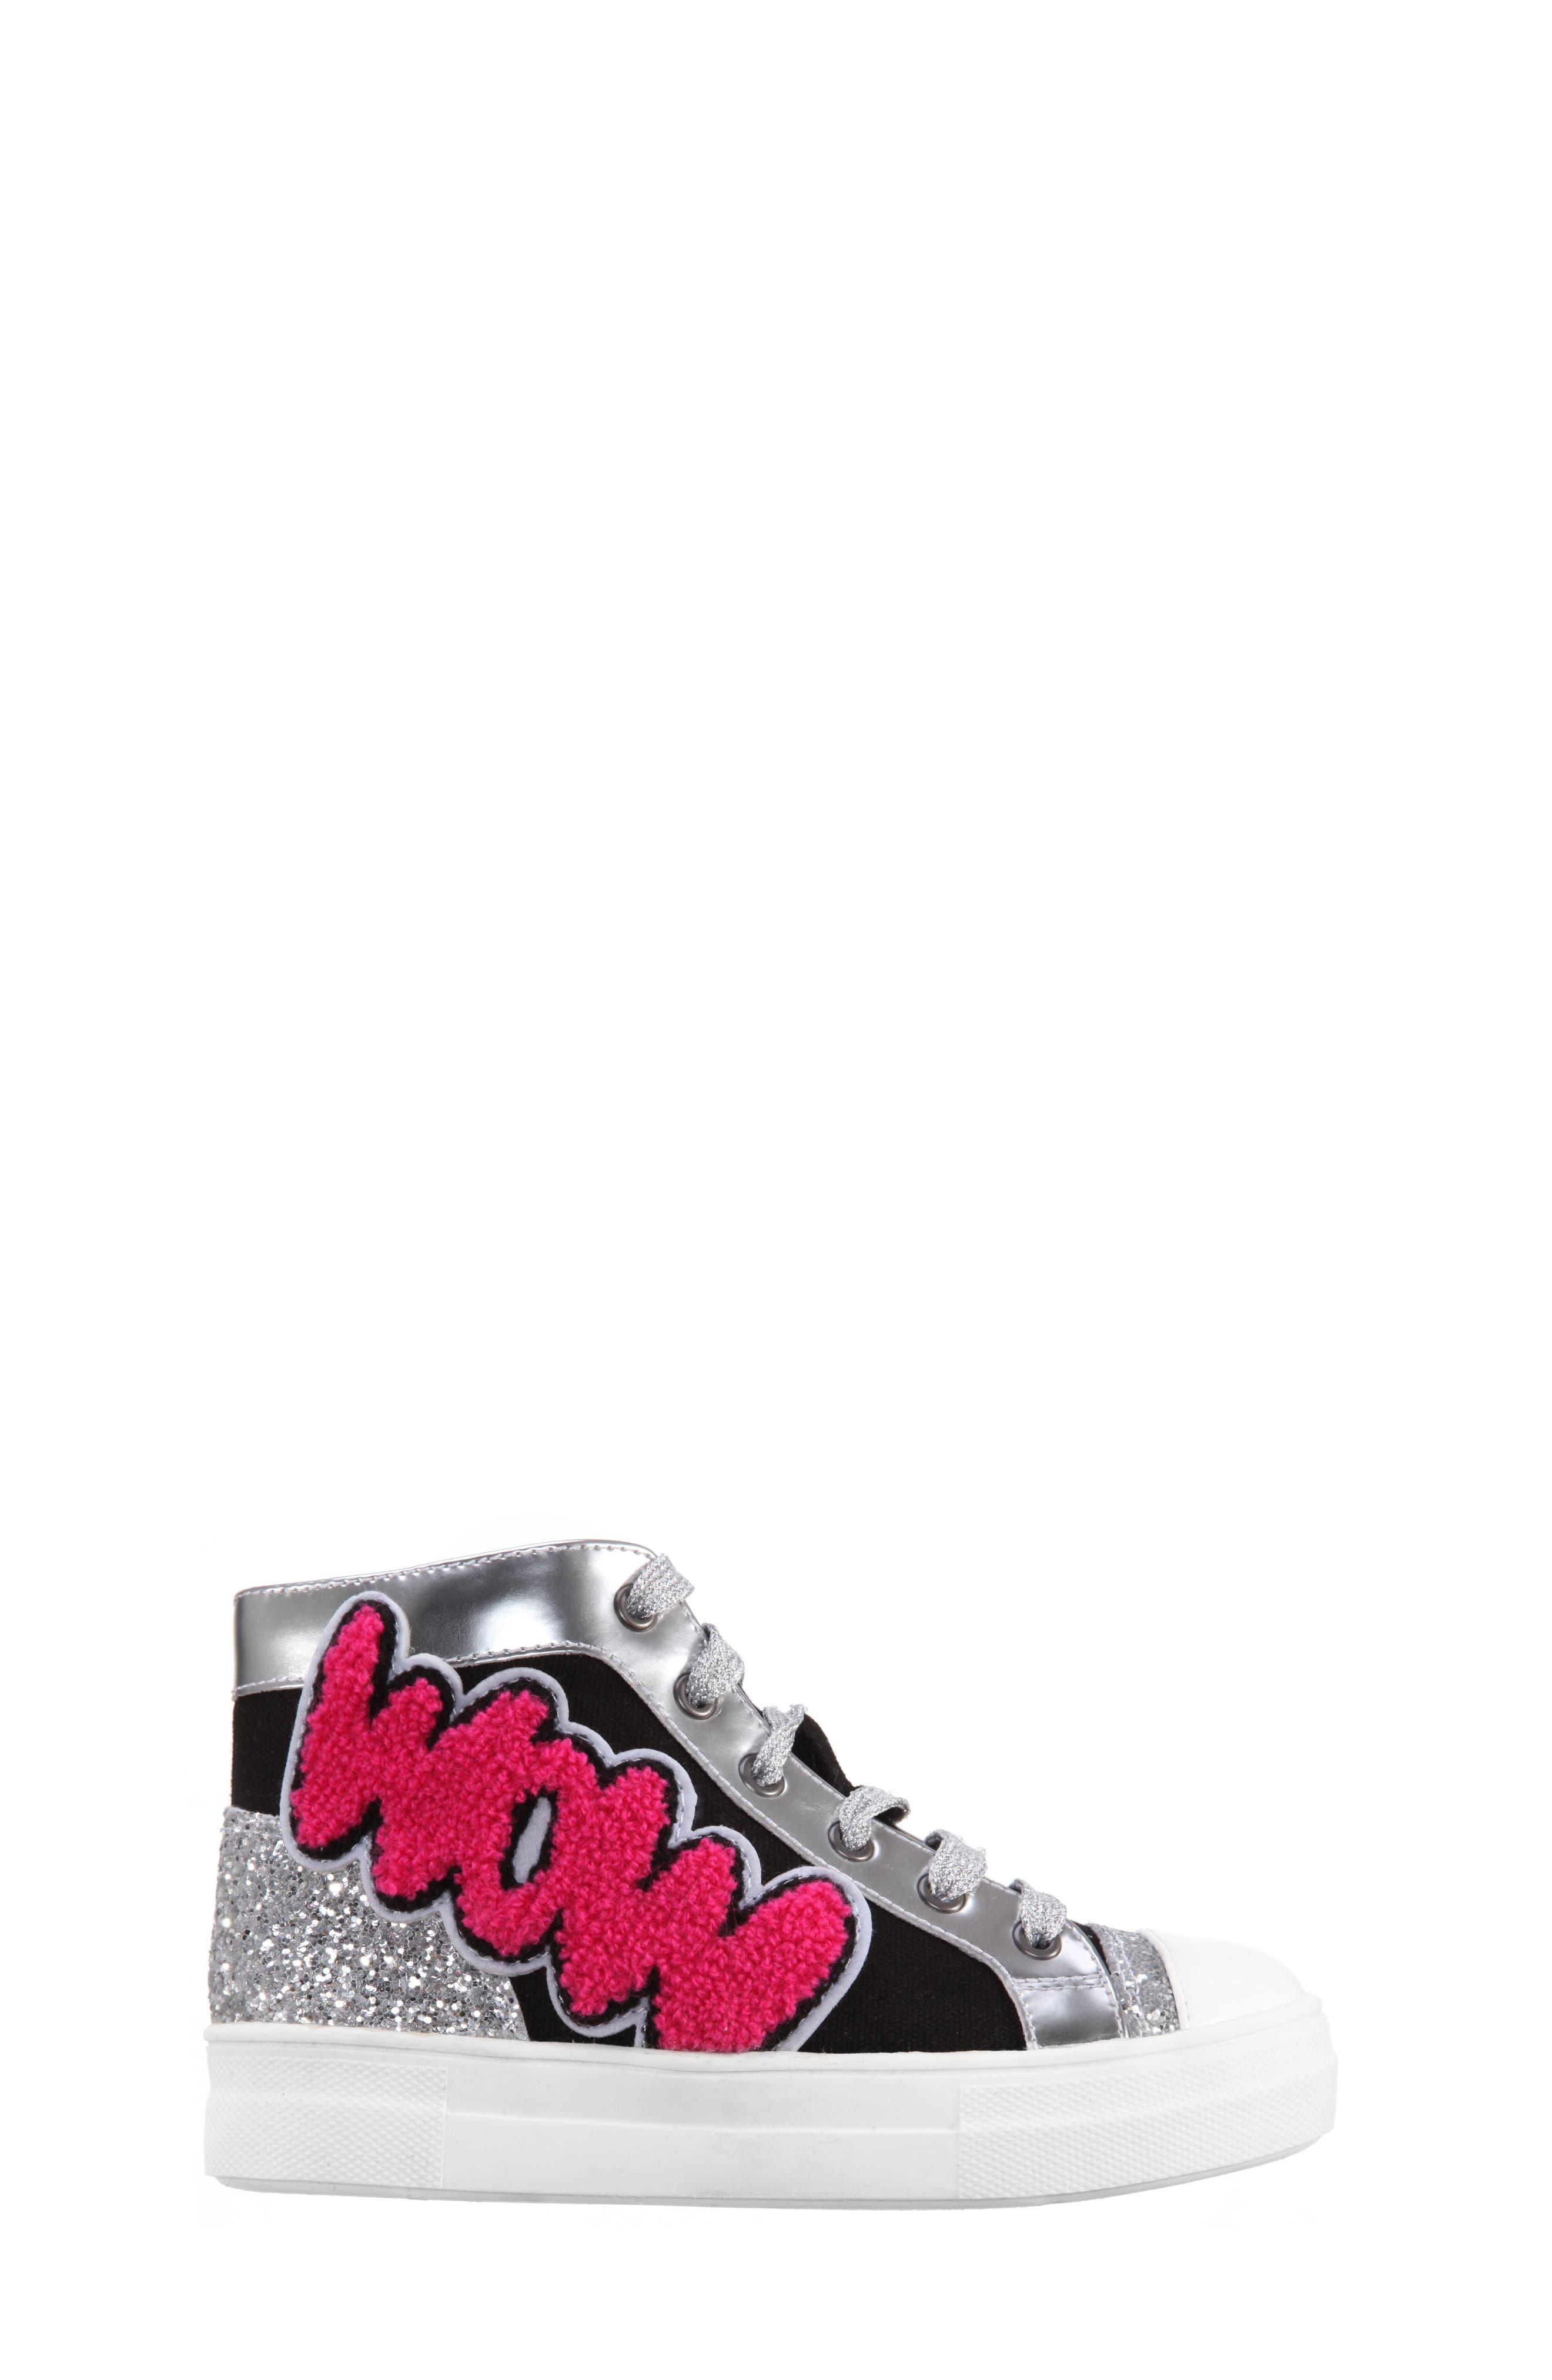 Alternate Image 3  - Nina Gita High Top Sneaker (Toddler, Little Kid & Big Kid)